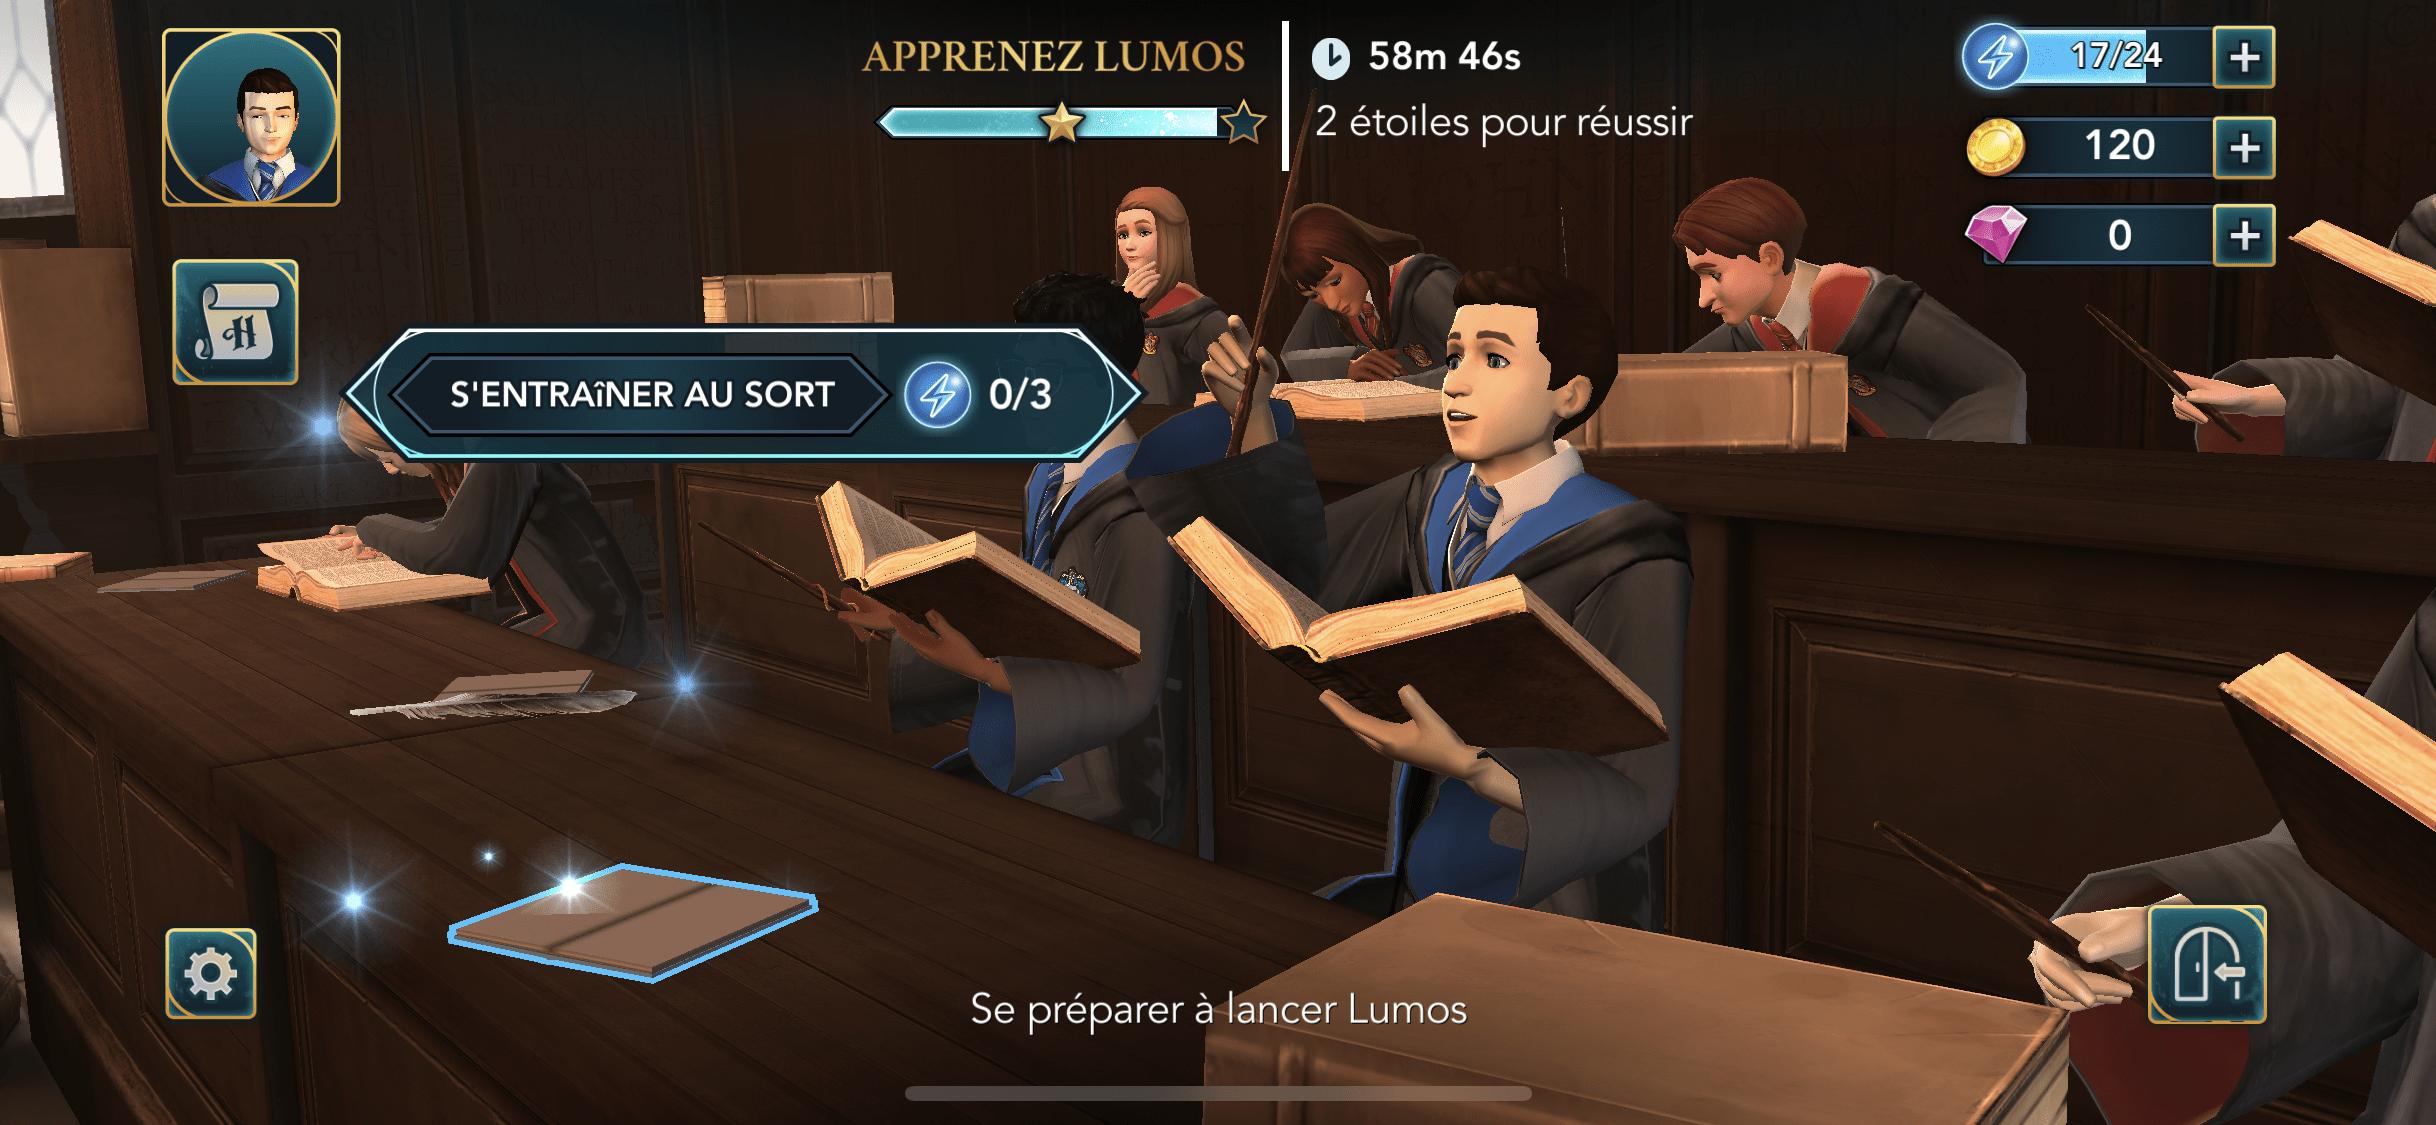 Le jeu Harry Potter officiel sur Android . Harry Potter: Hogwarts Mystery est un jeu  d'aventure avec la licence Harry Potter officielle. Désormais, tu peux vivre ...  Harry Potter: Hogwarts Mystery video 1. Harry Potter: ... Licence: Gratuit.  Catégorie...